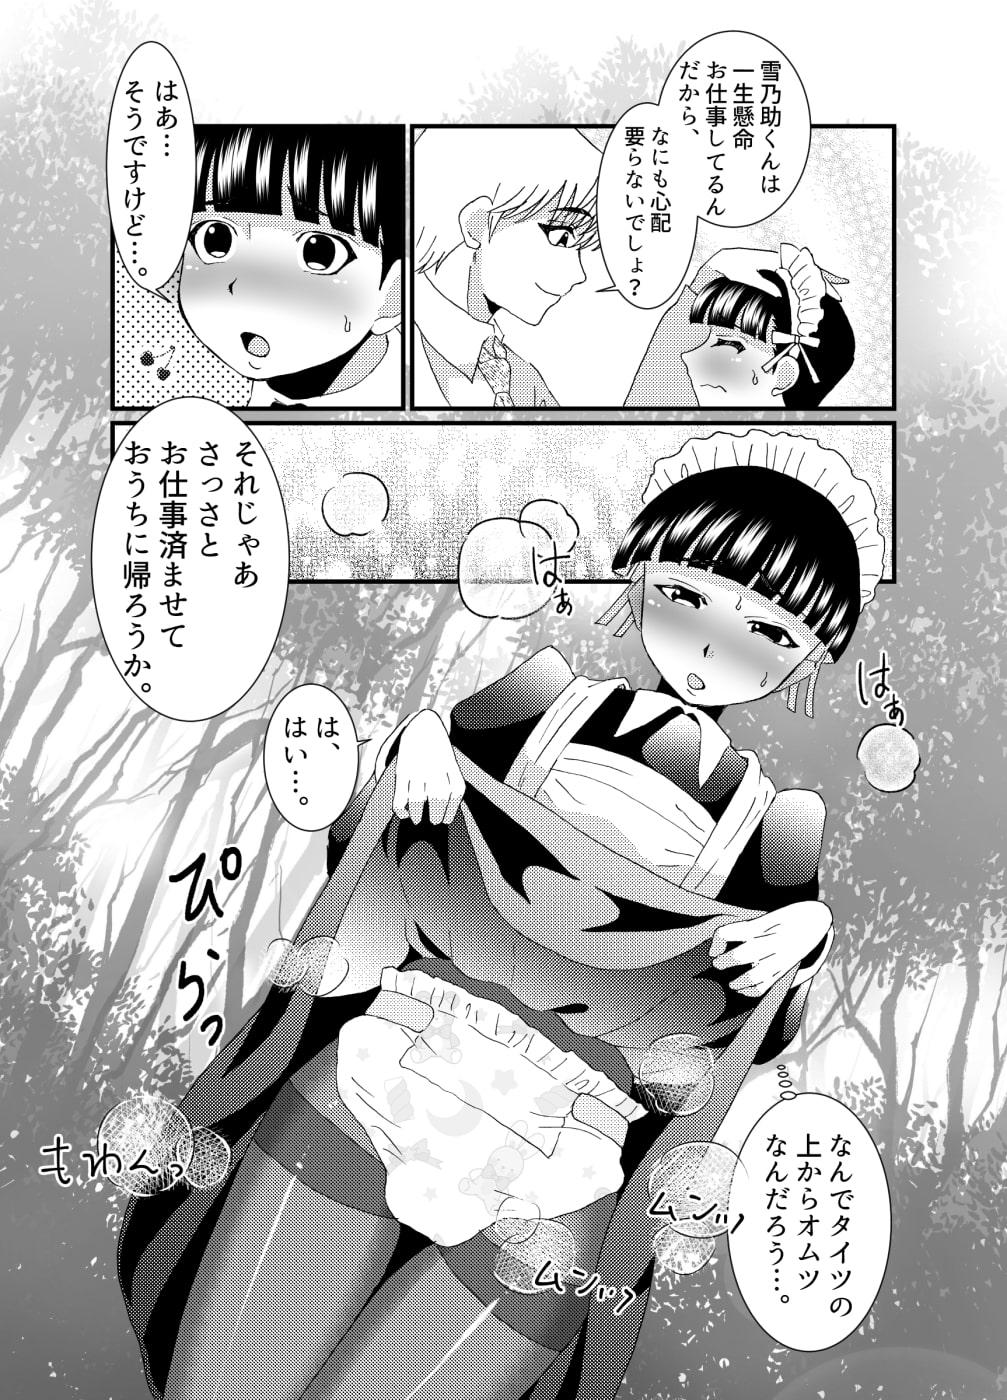 ドジっ子メイド♂雌穴計画 2話